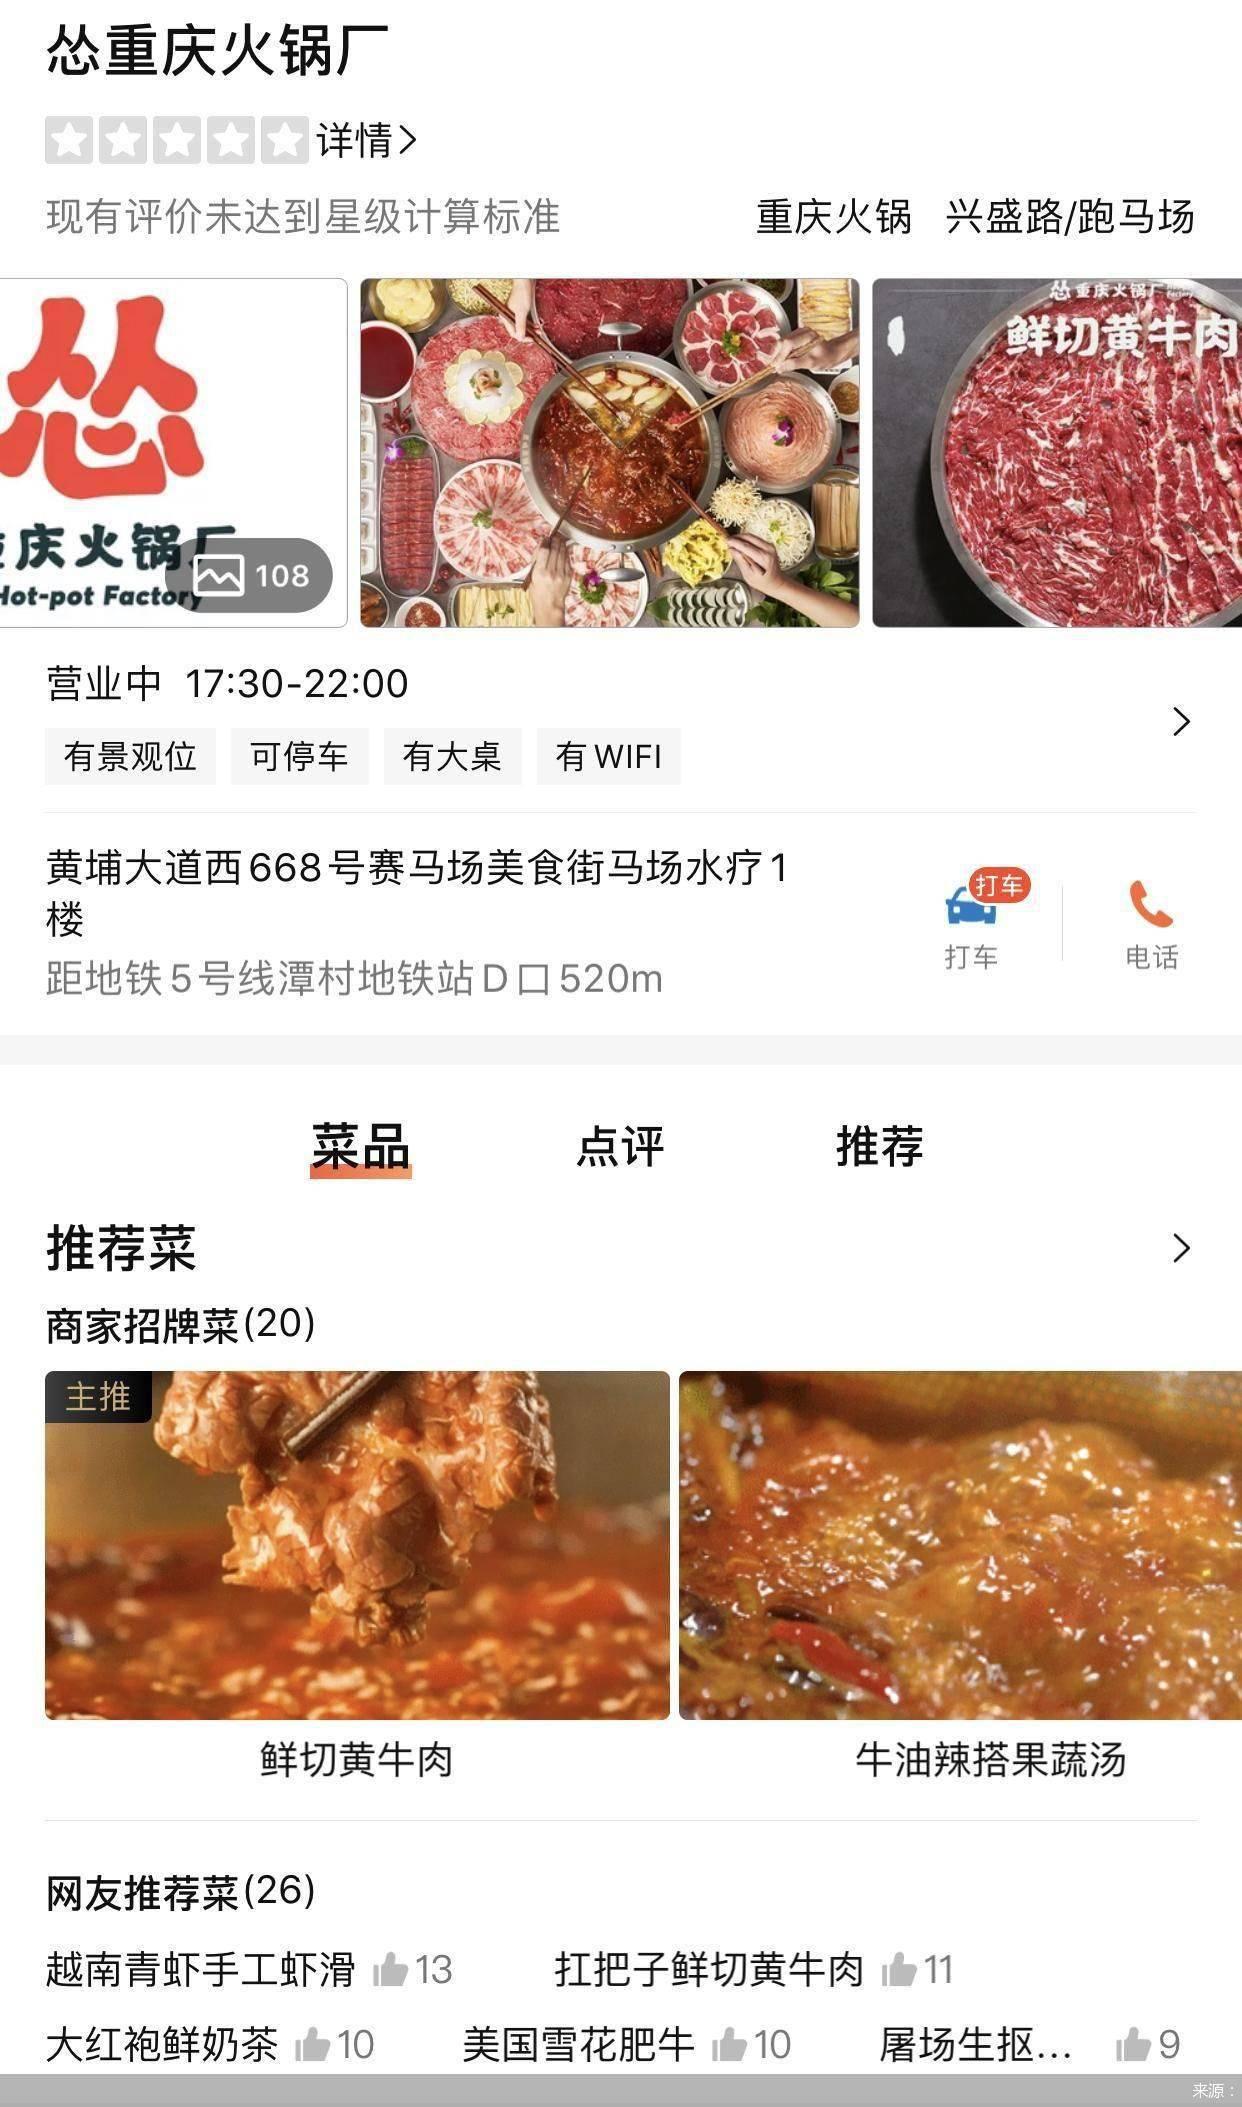 """入局火锅市场   """"网红""""餐饮九毛九辟新赛道"""